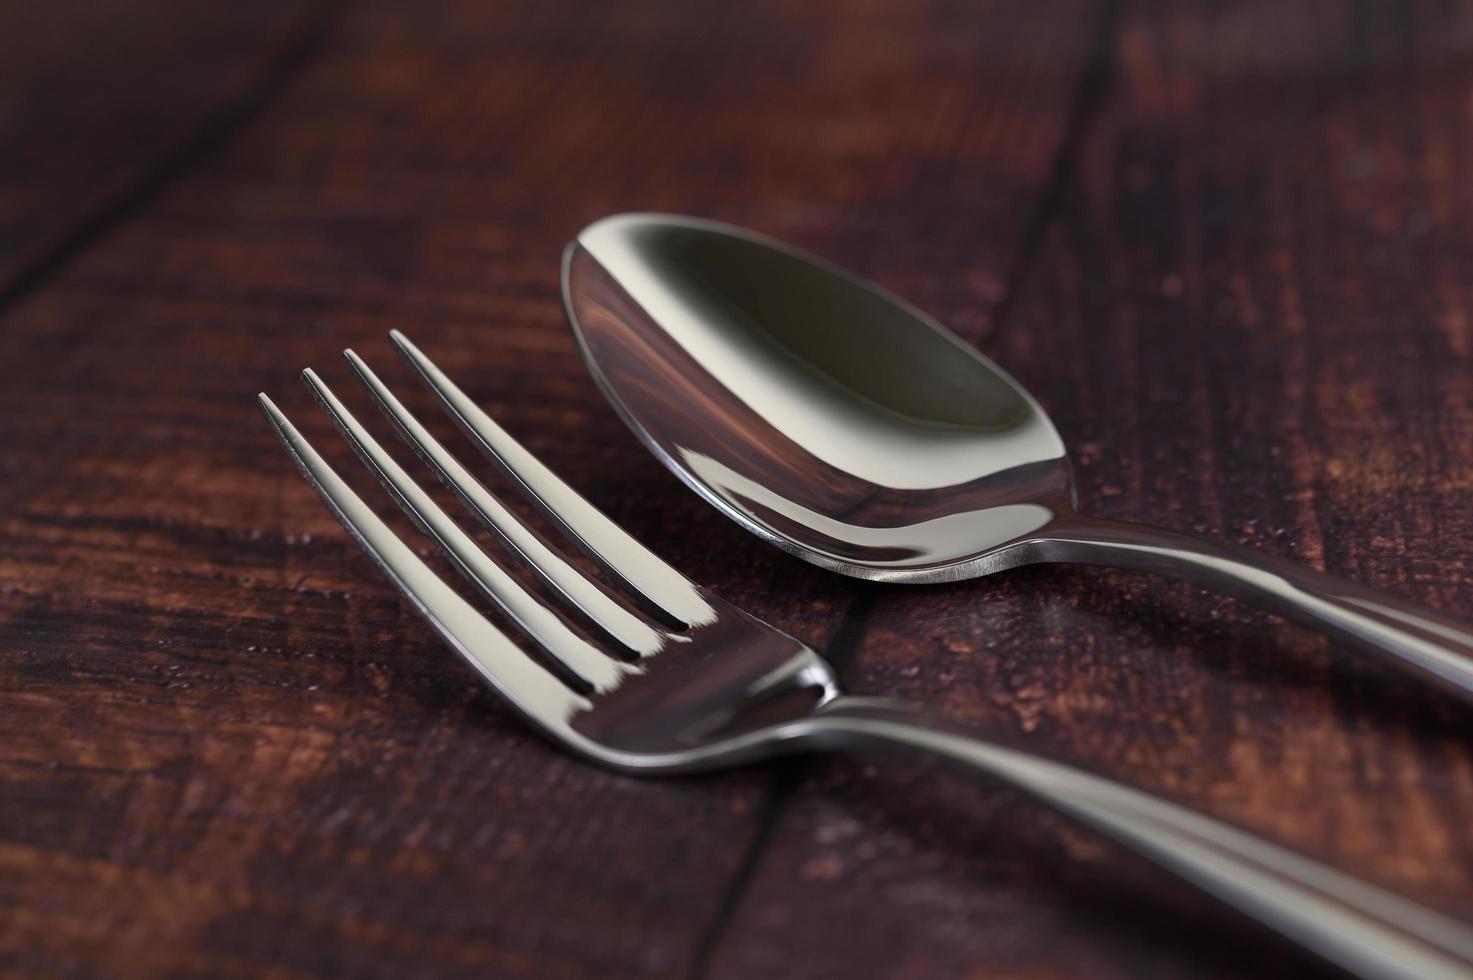 fourchette et cuillère en acier inoxydable sur une table en bois photo